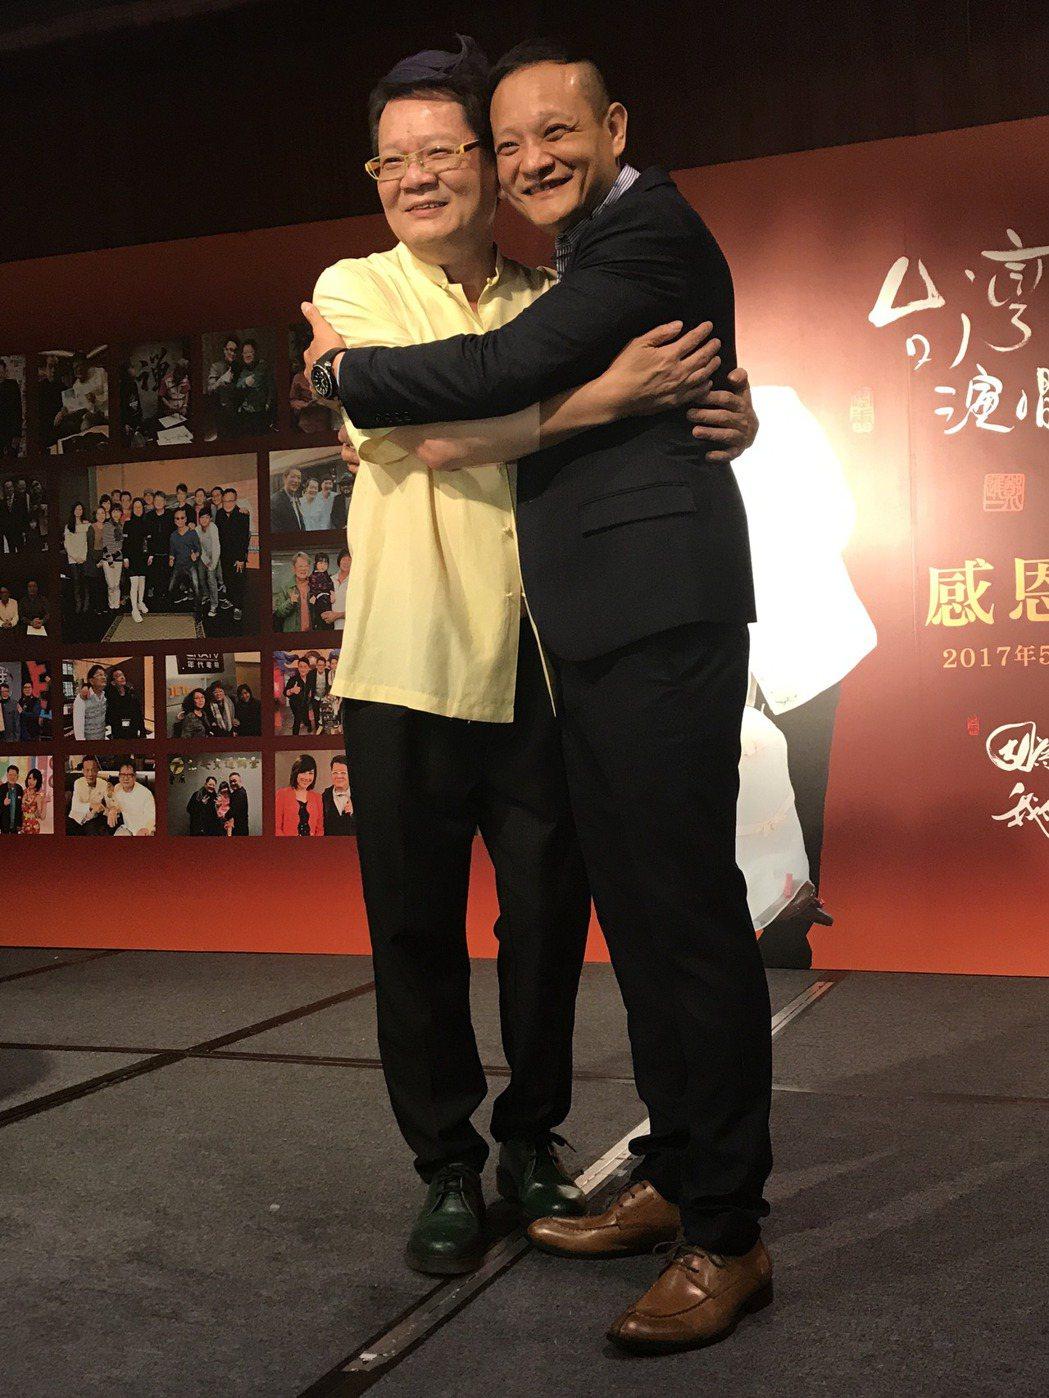 鄭進一(左)與大兒子。記者陳于嬙/攝影